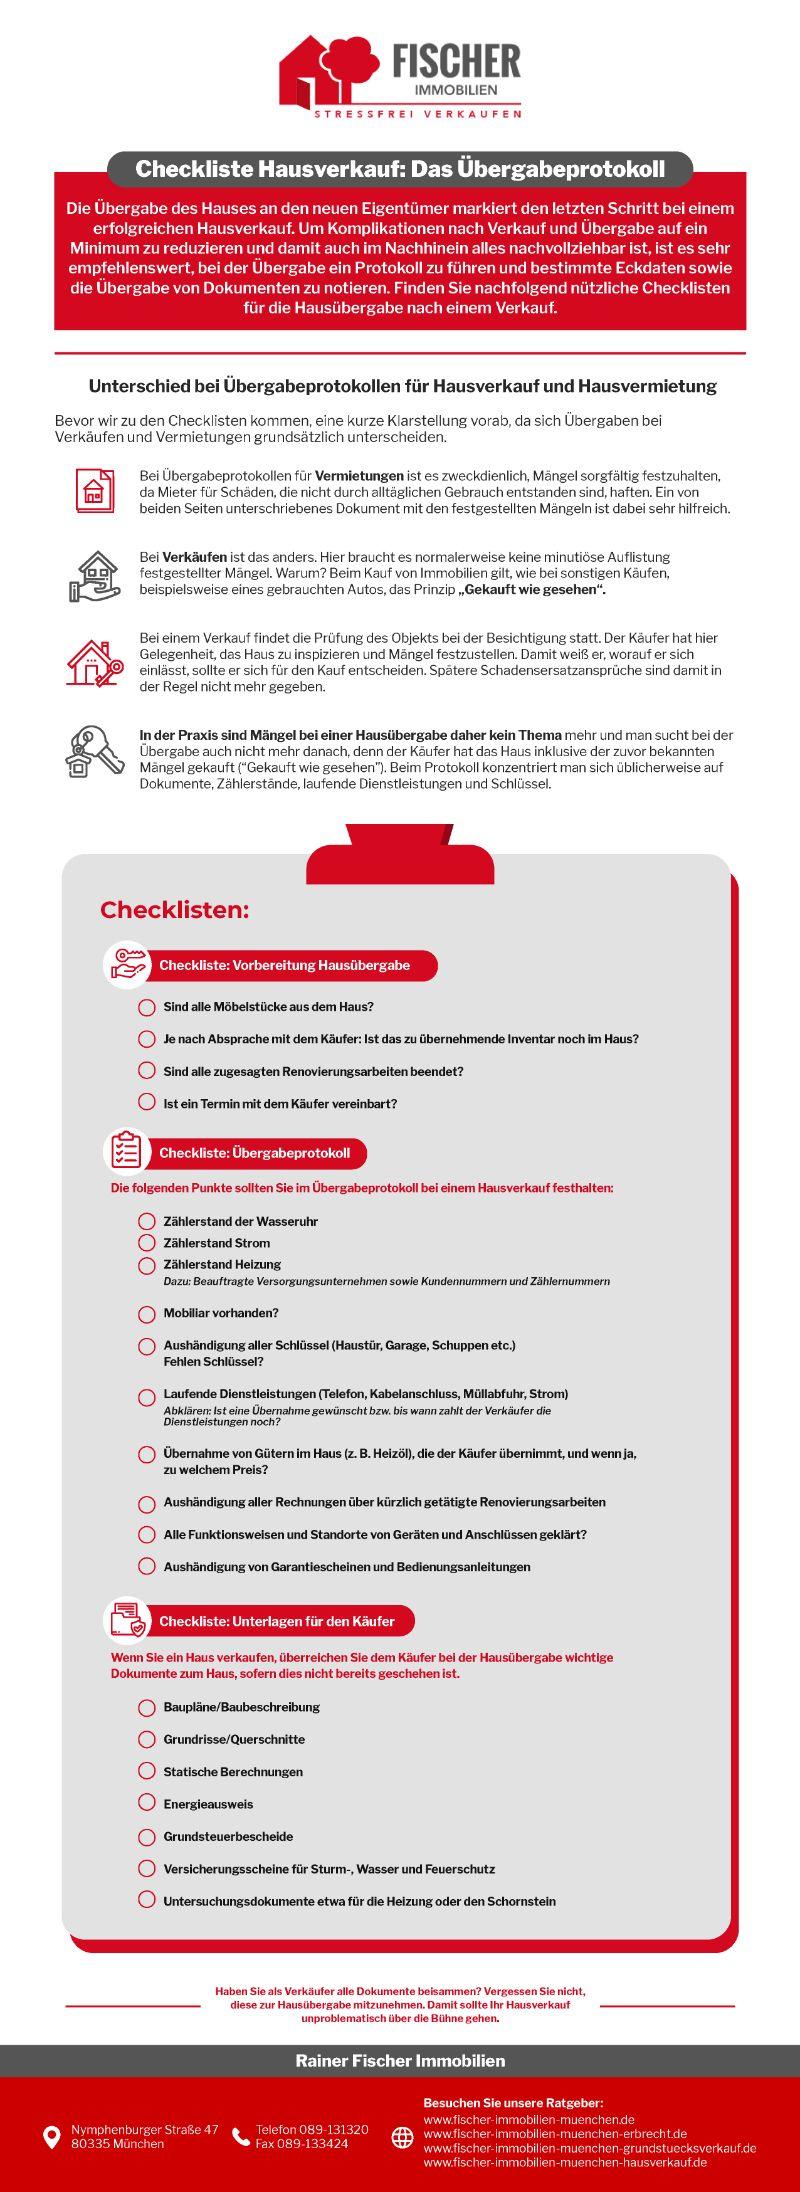 Infografik Hausverkauf: Wie Schreibe Ich Das Ãœbergabeprotokoll?